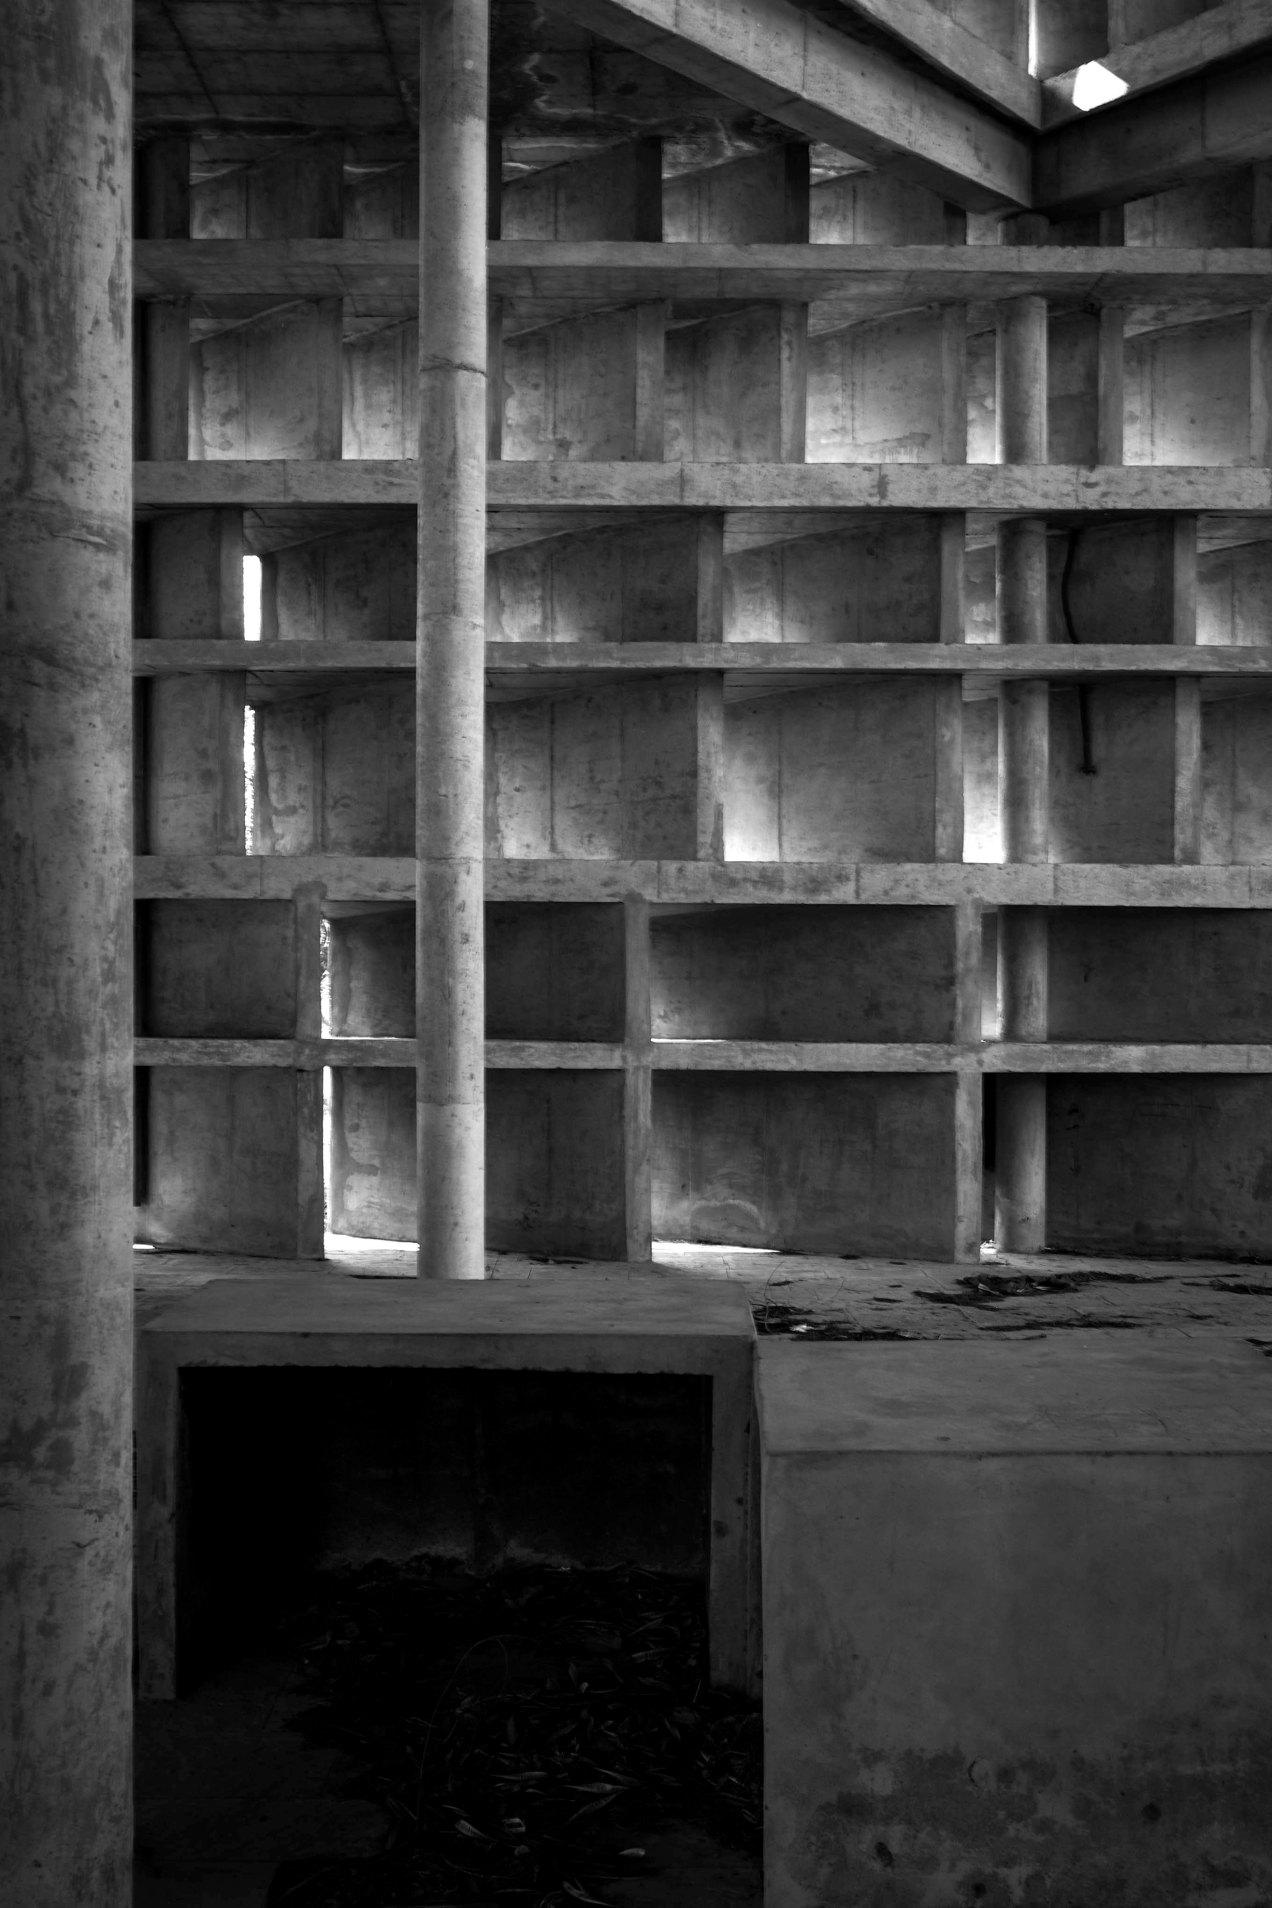 La tour des ombres, chandigarh, gildalliere, 2010.